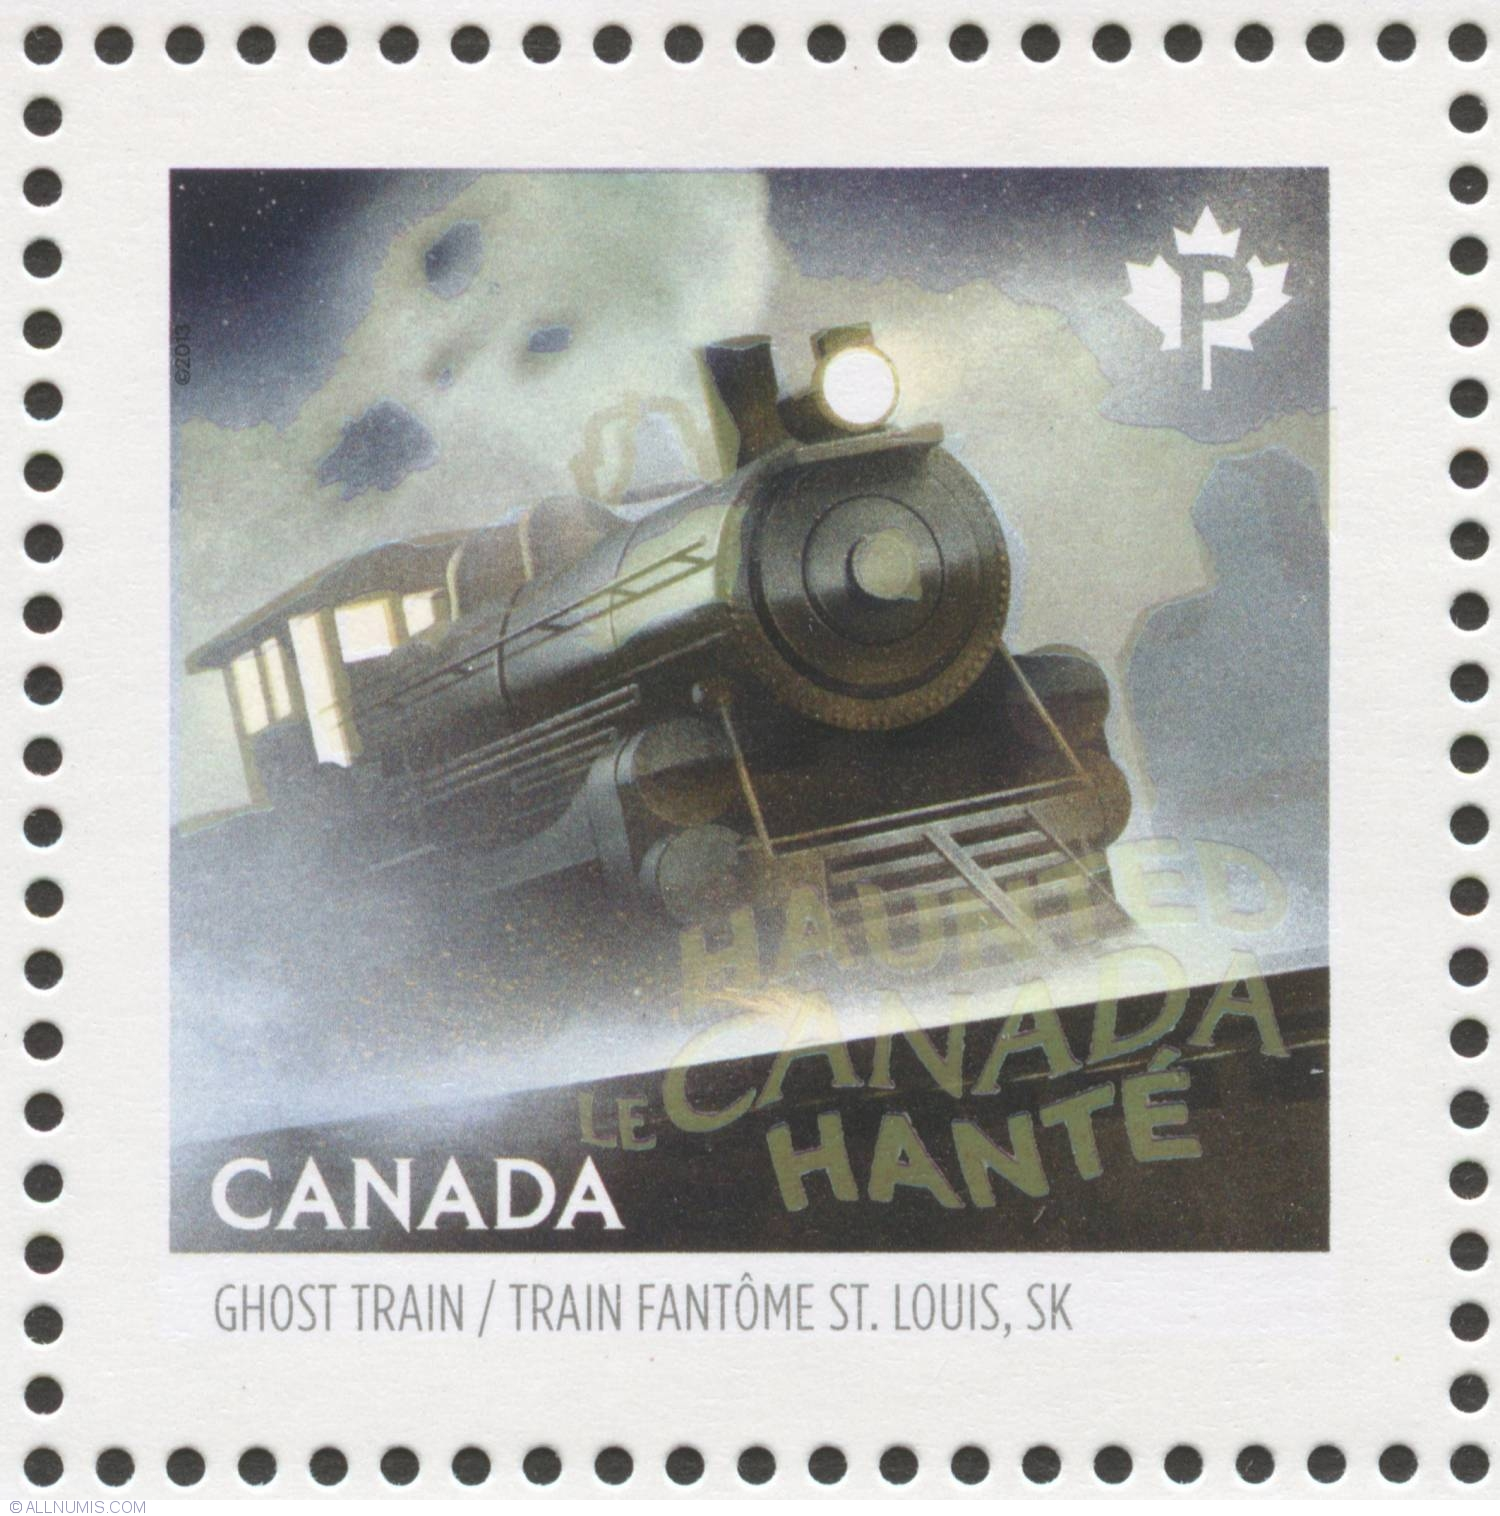 ahora lo ves, ahora no lo ves P-2014-haunted-canada-ghost-train_1189_35379905b937bf3L